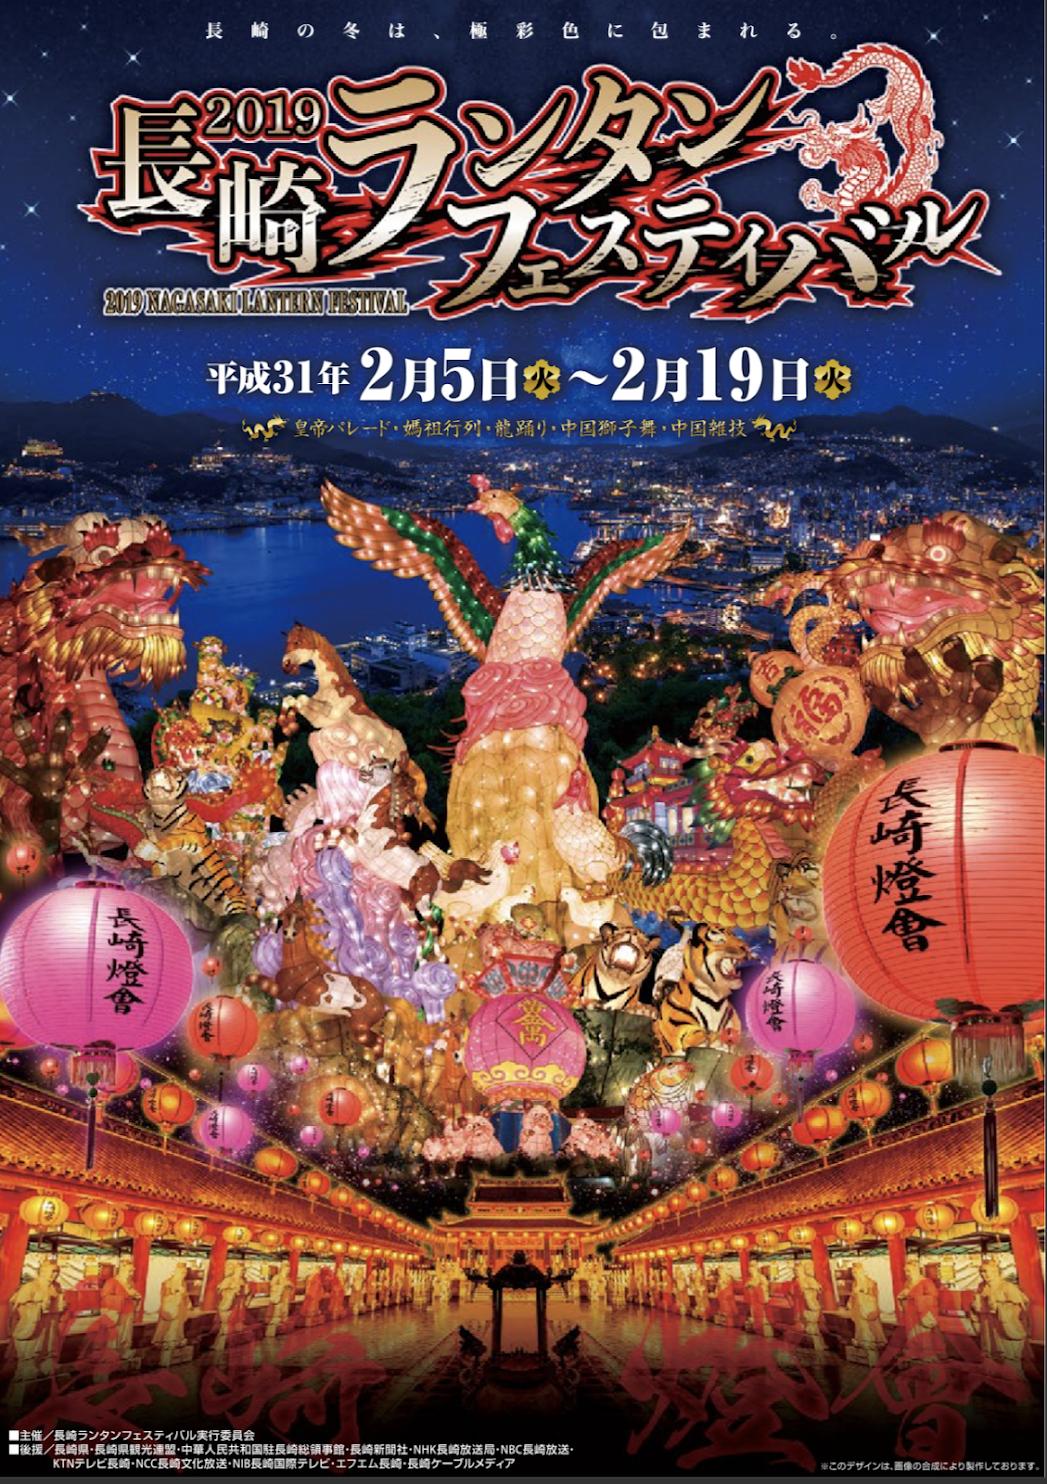 長崎ランタンフェスティバル パンフレット